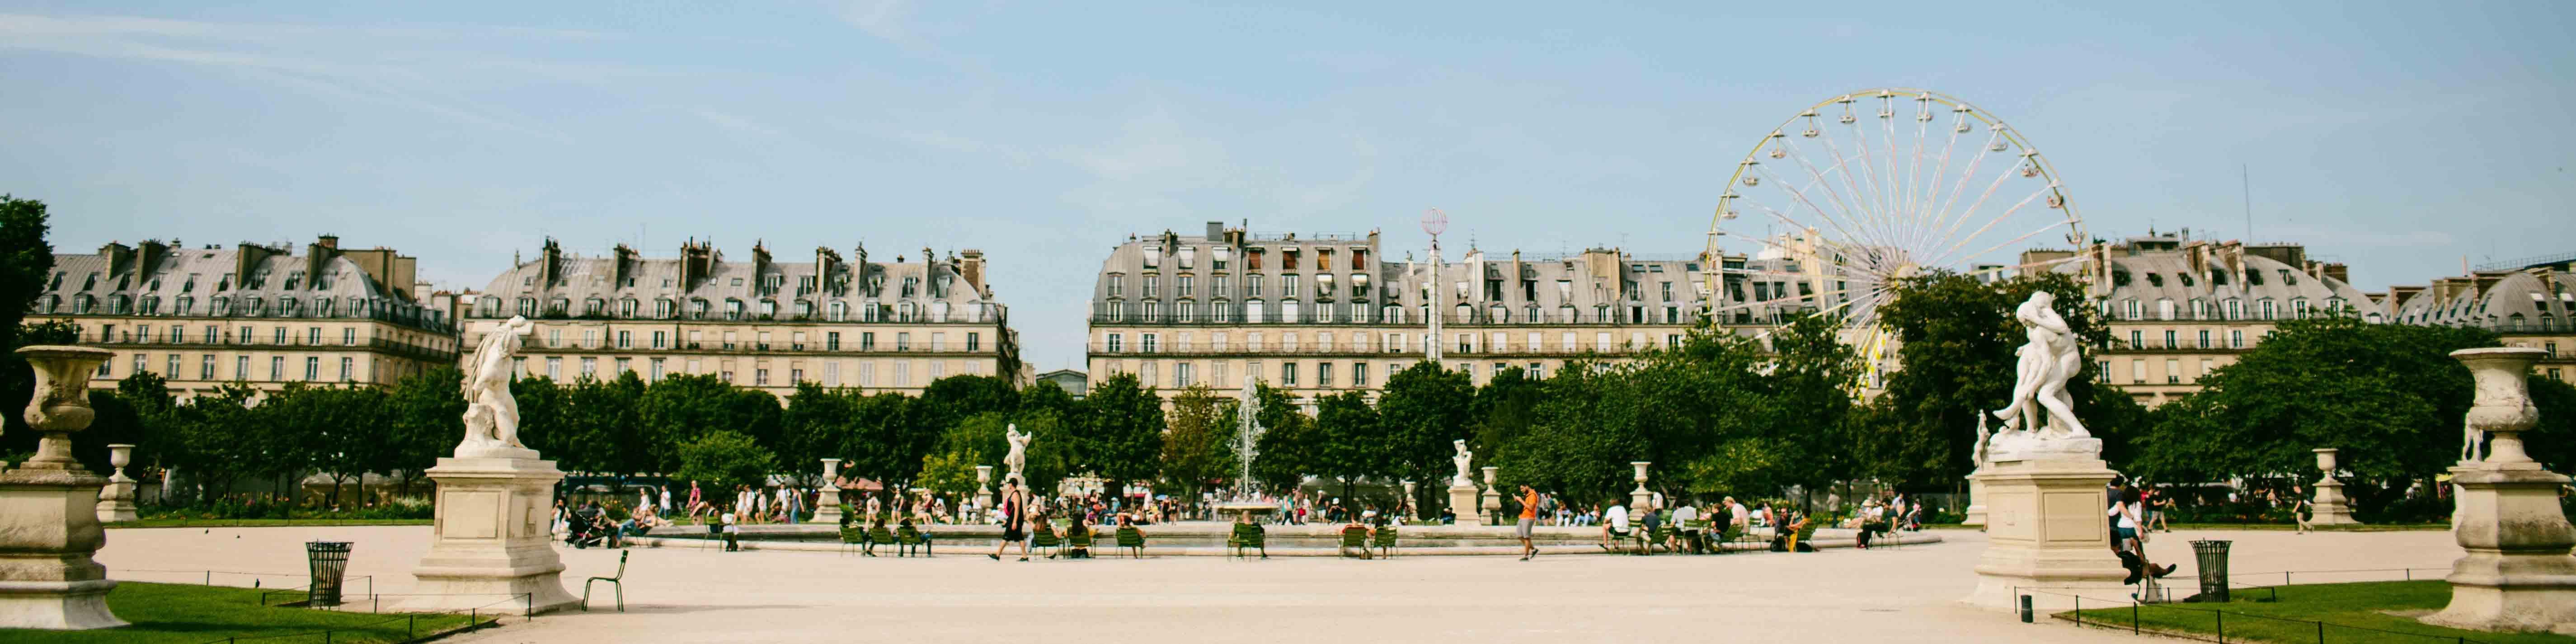 Arty Paris Porte de Versailles by River Hotels